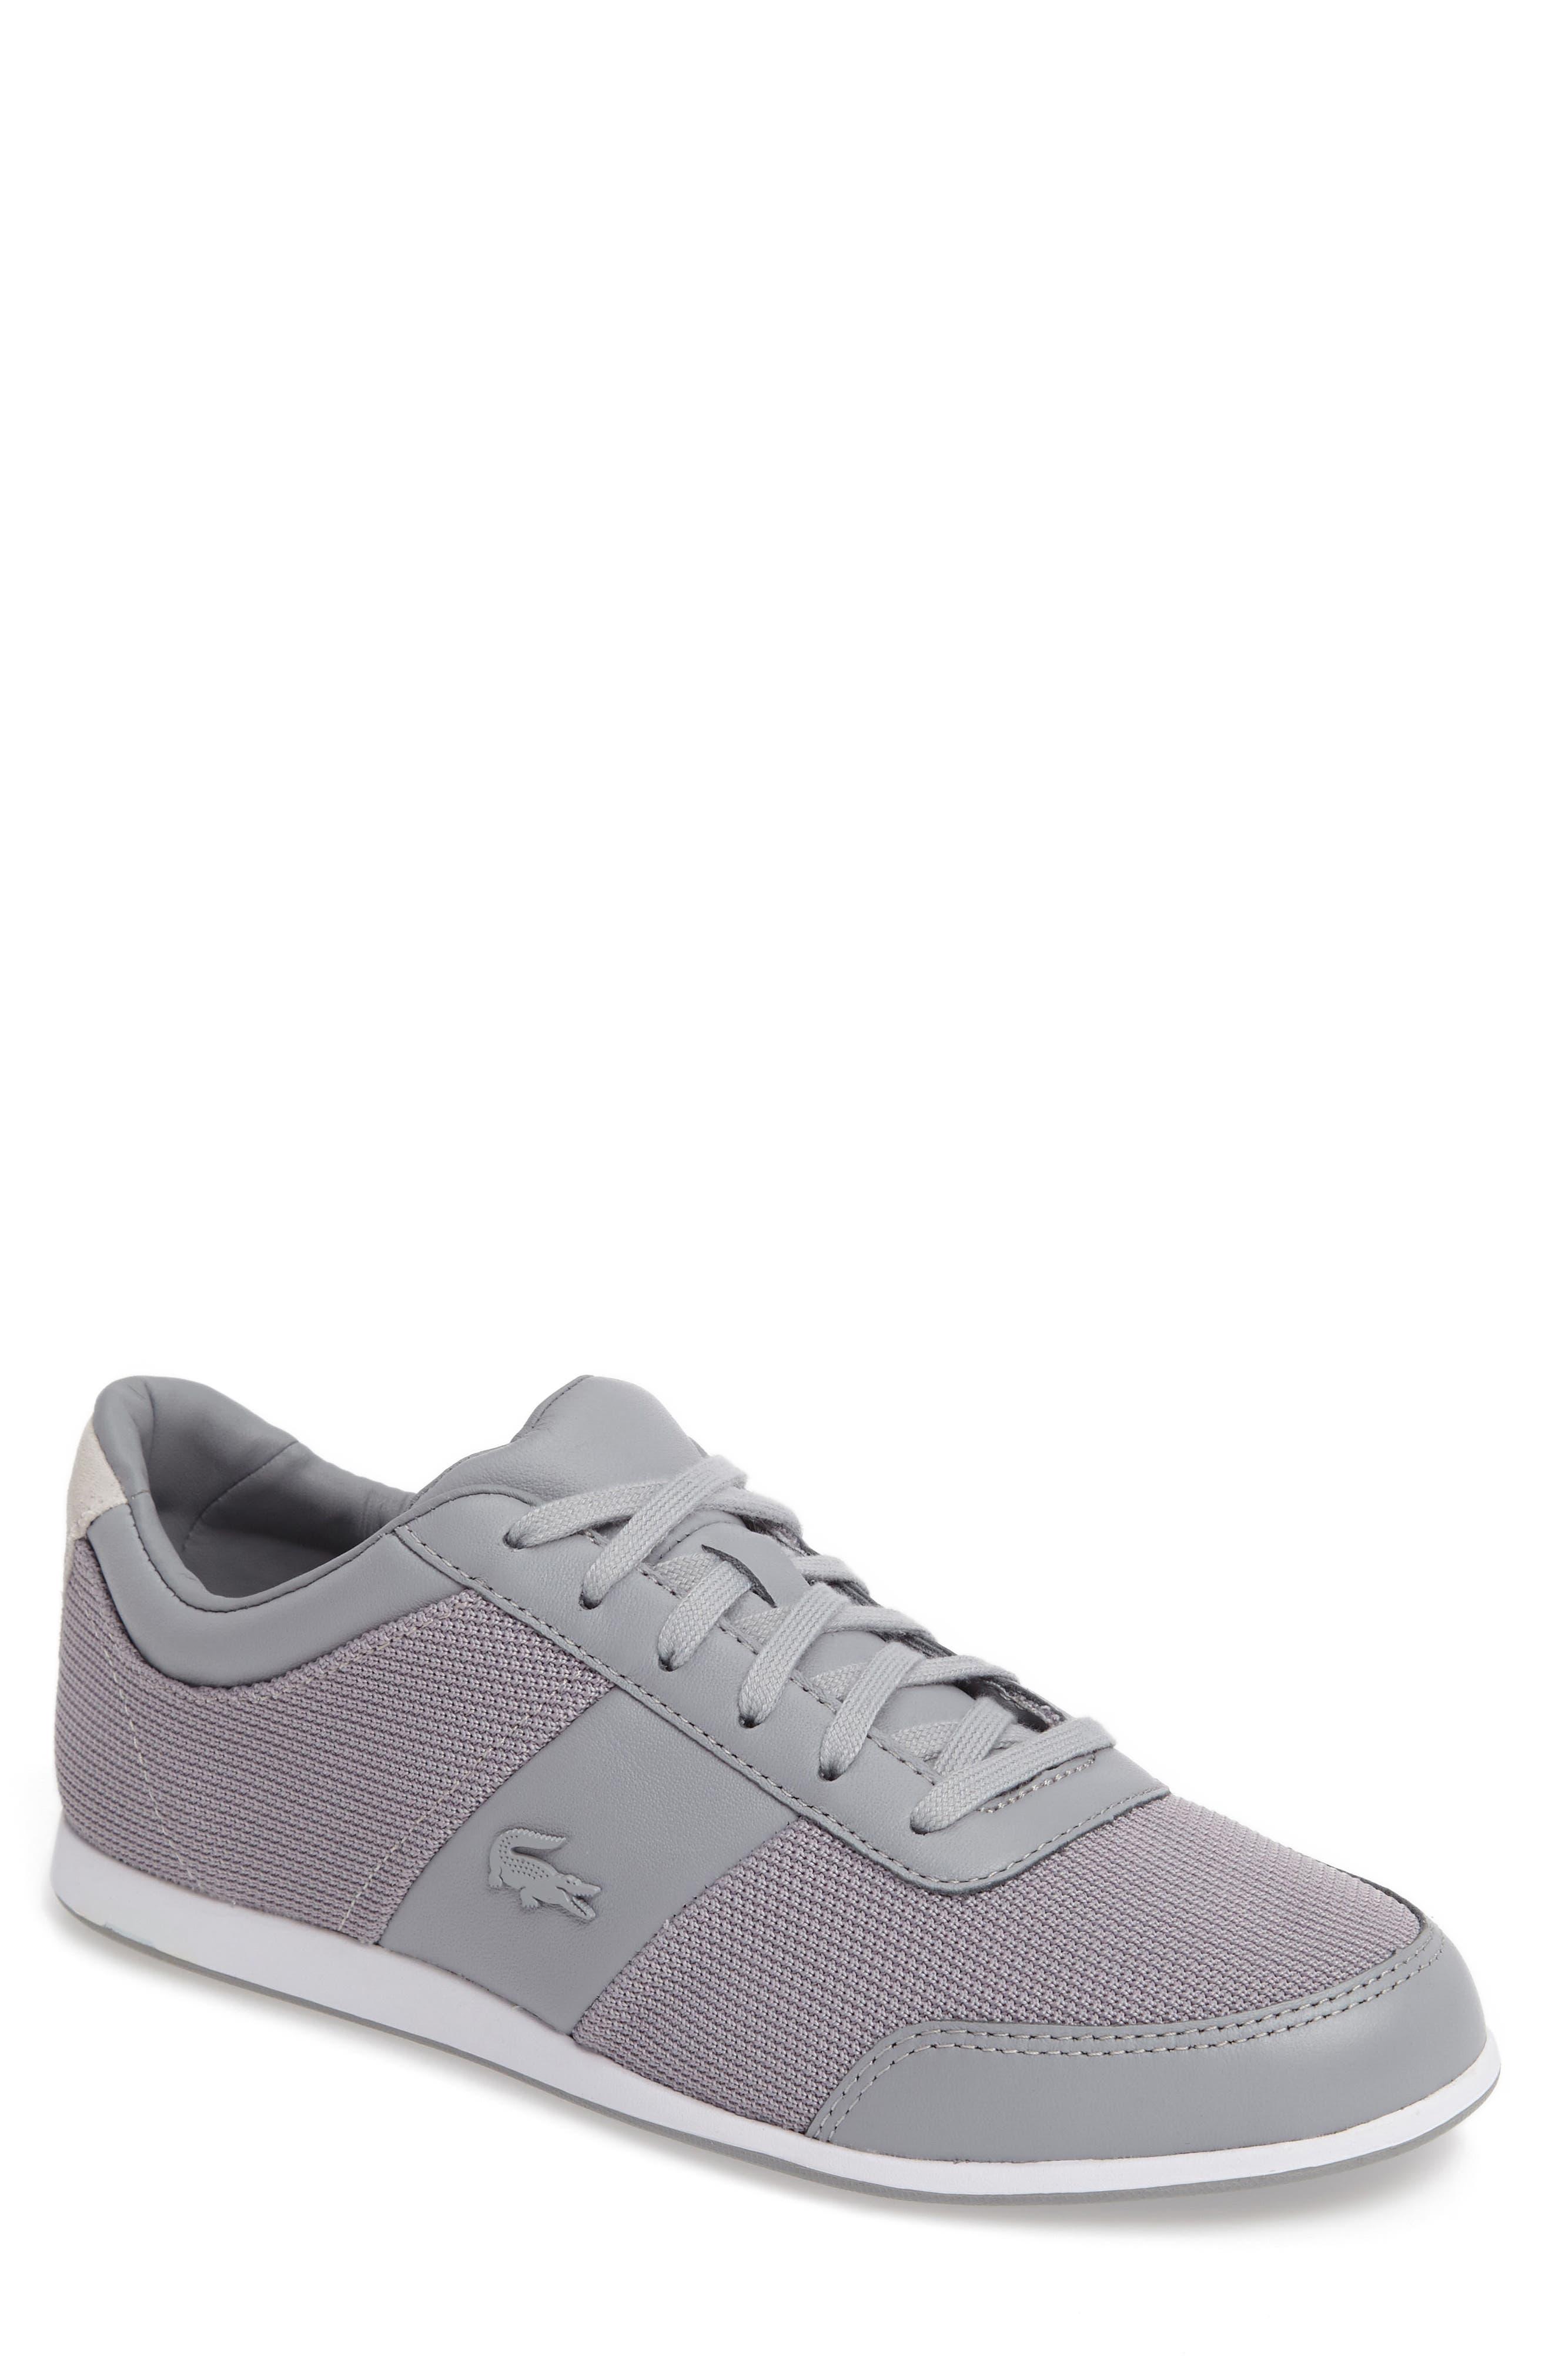 Lacoste Embrun Sneaker (Men)